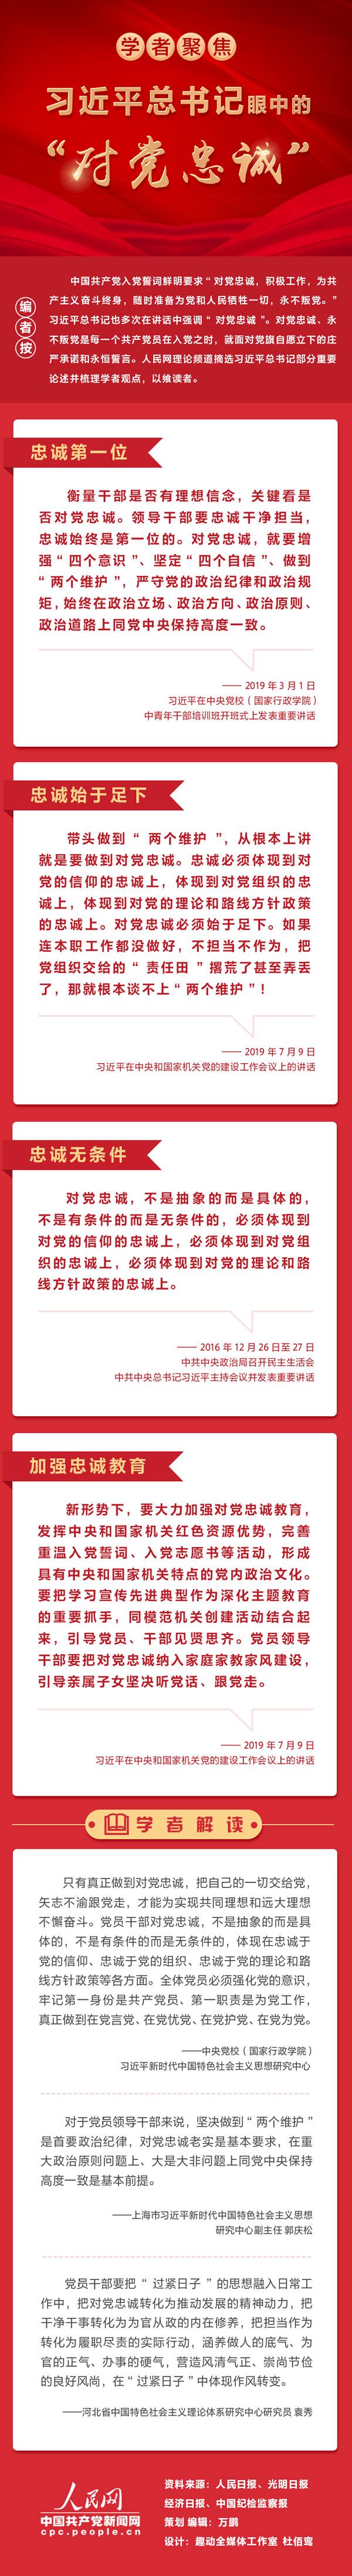 """图解:习近平总书记眼中的""""对党忠诚"""